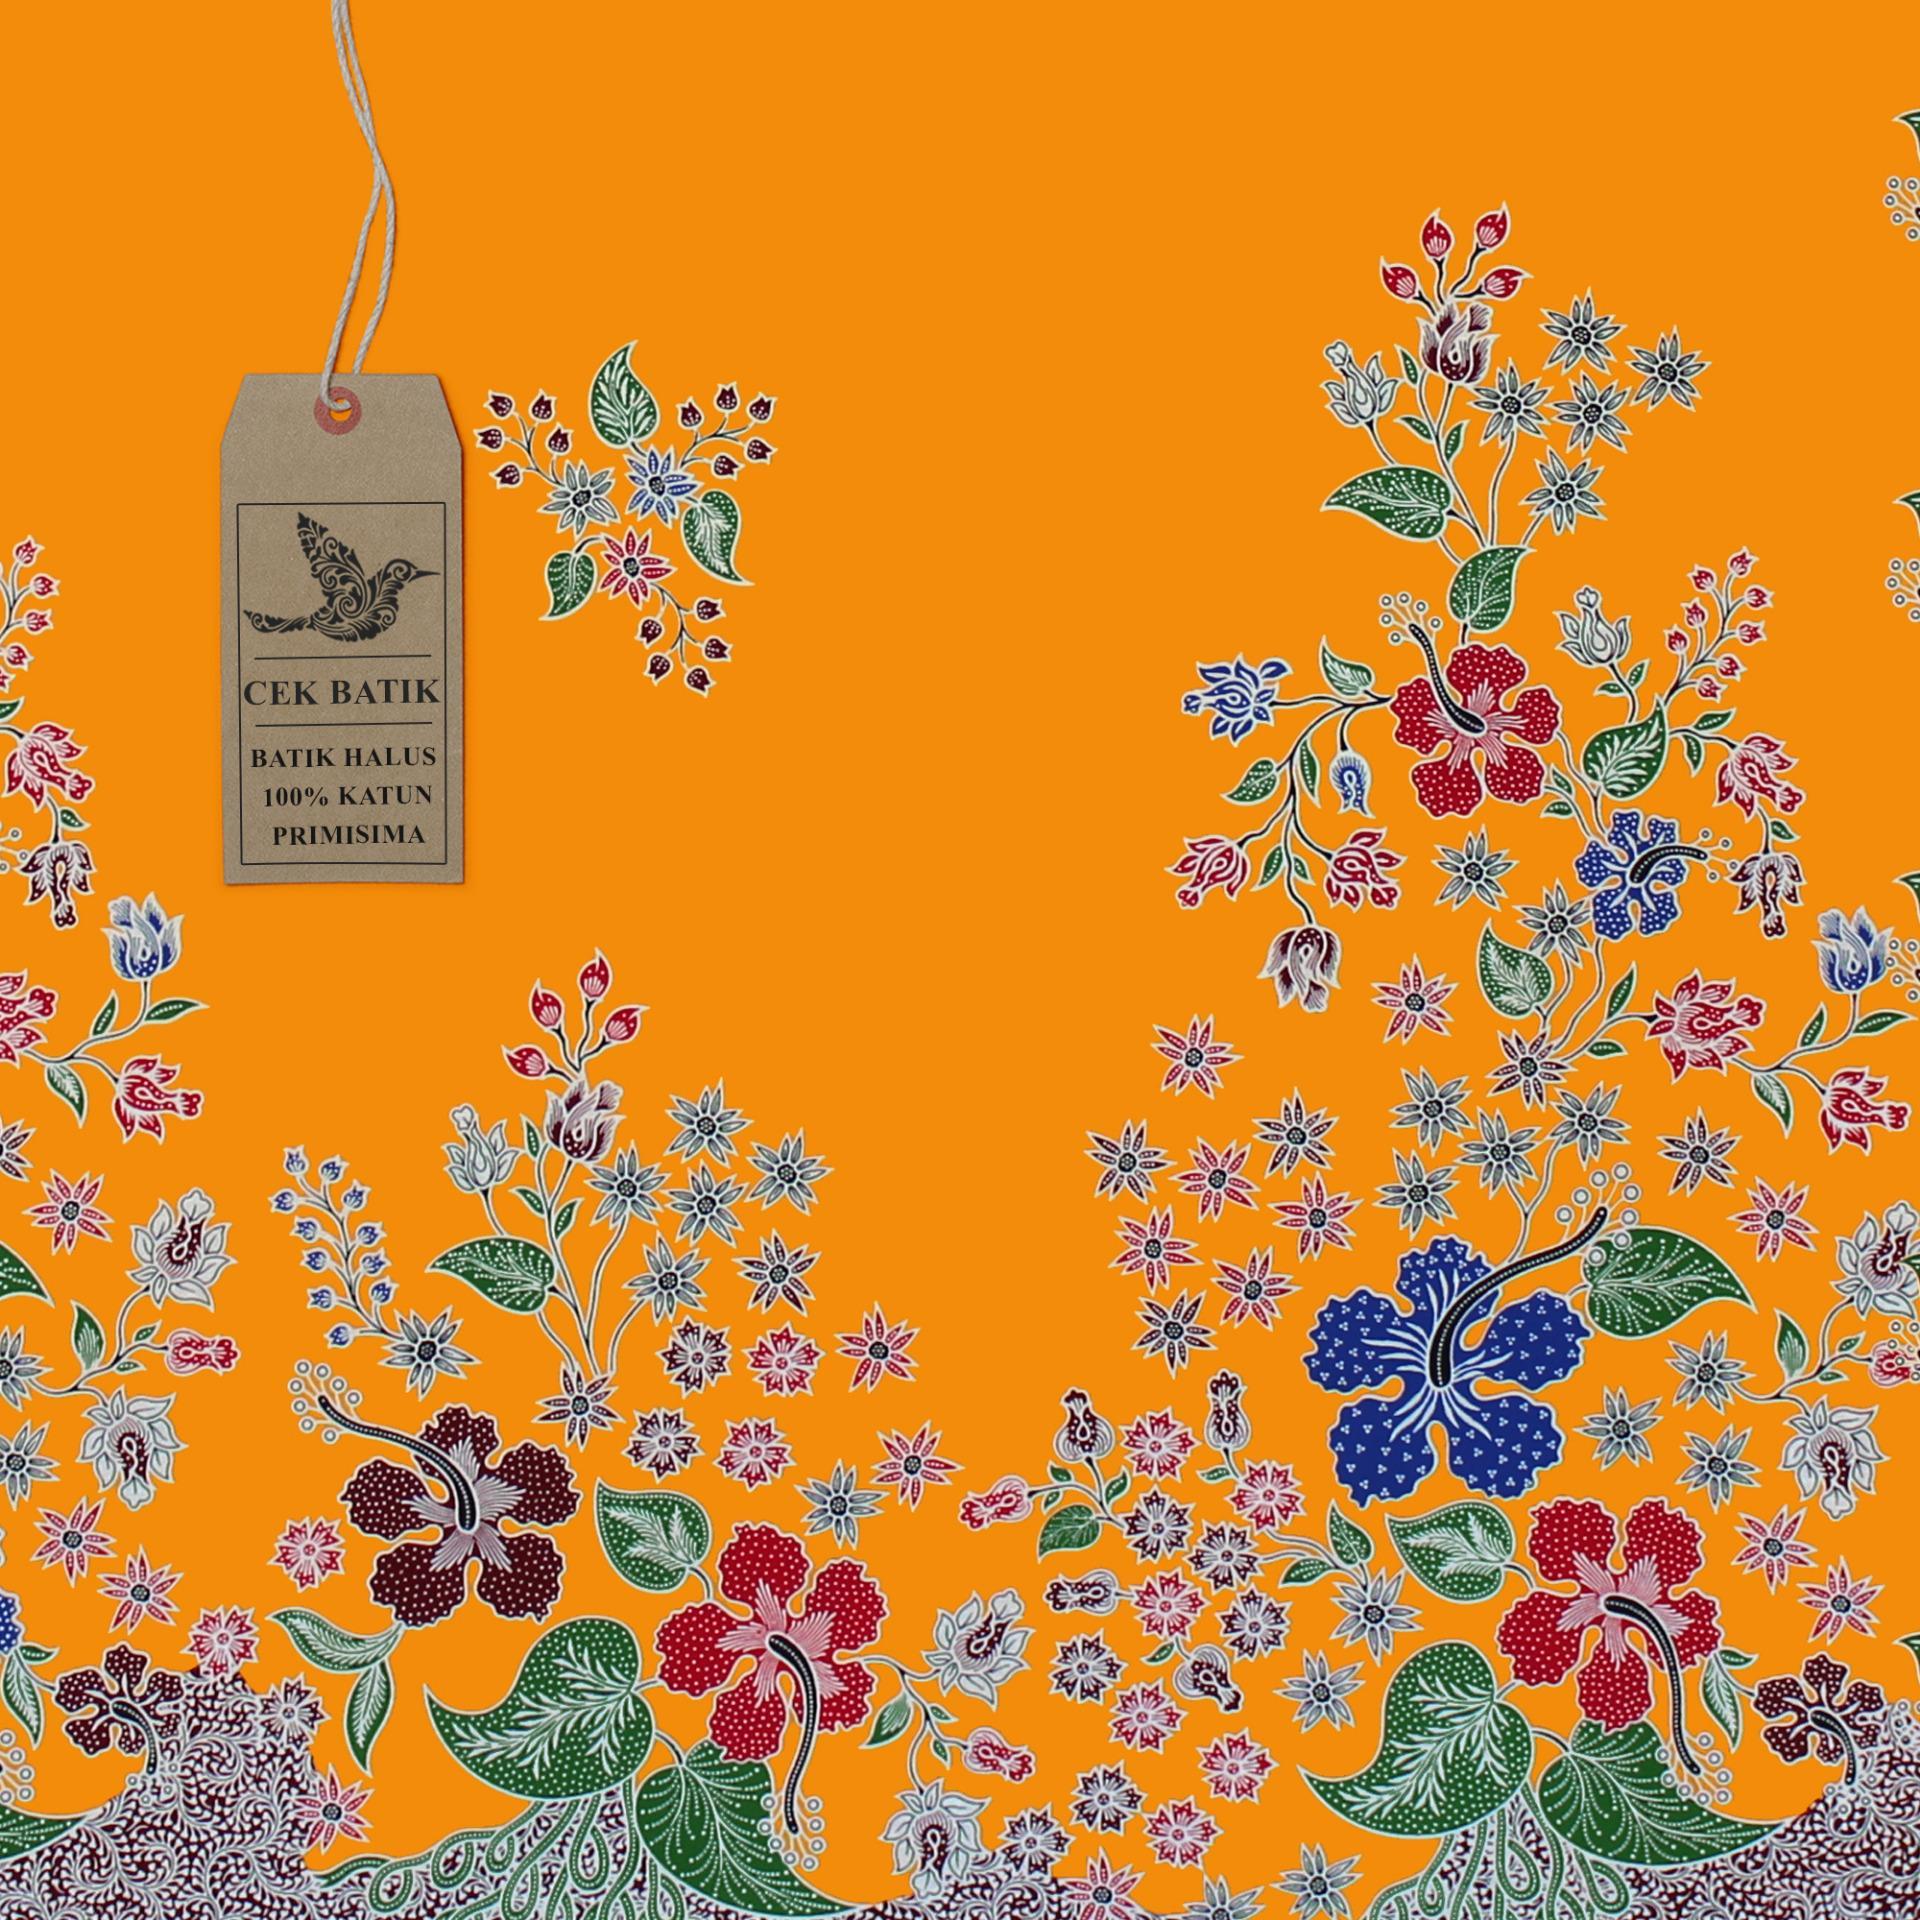 Cek Batik Kain Batik Motif Bunga Ayu Warna Dasar Hitam Manis